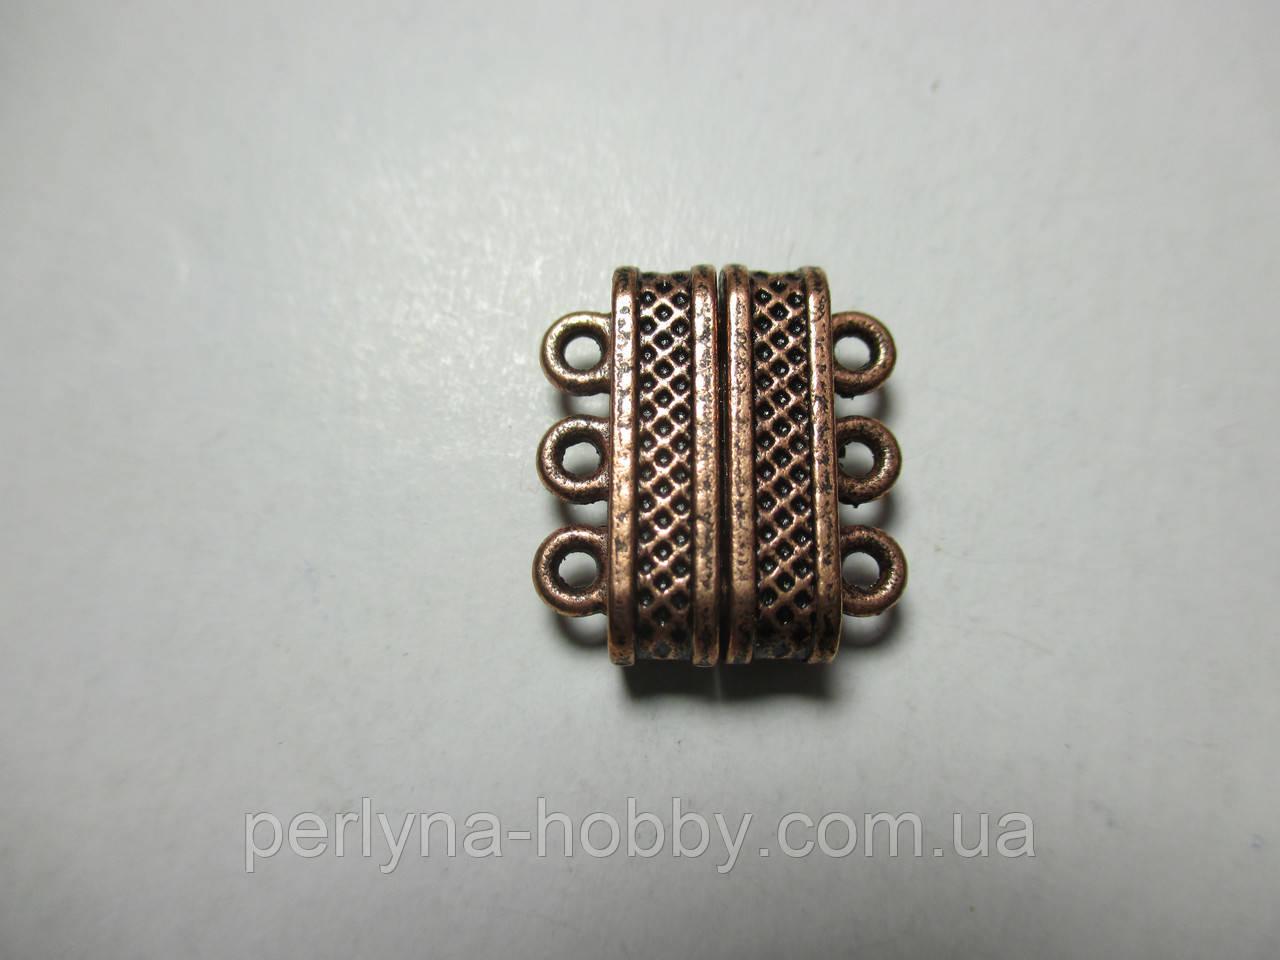 Застібка магні на 3  нитки,  литий метал, мідний